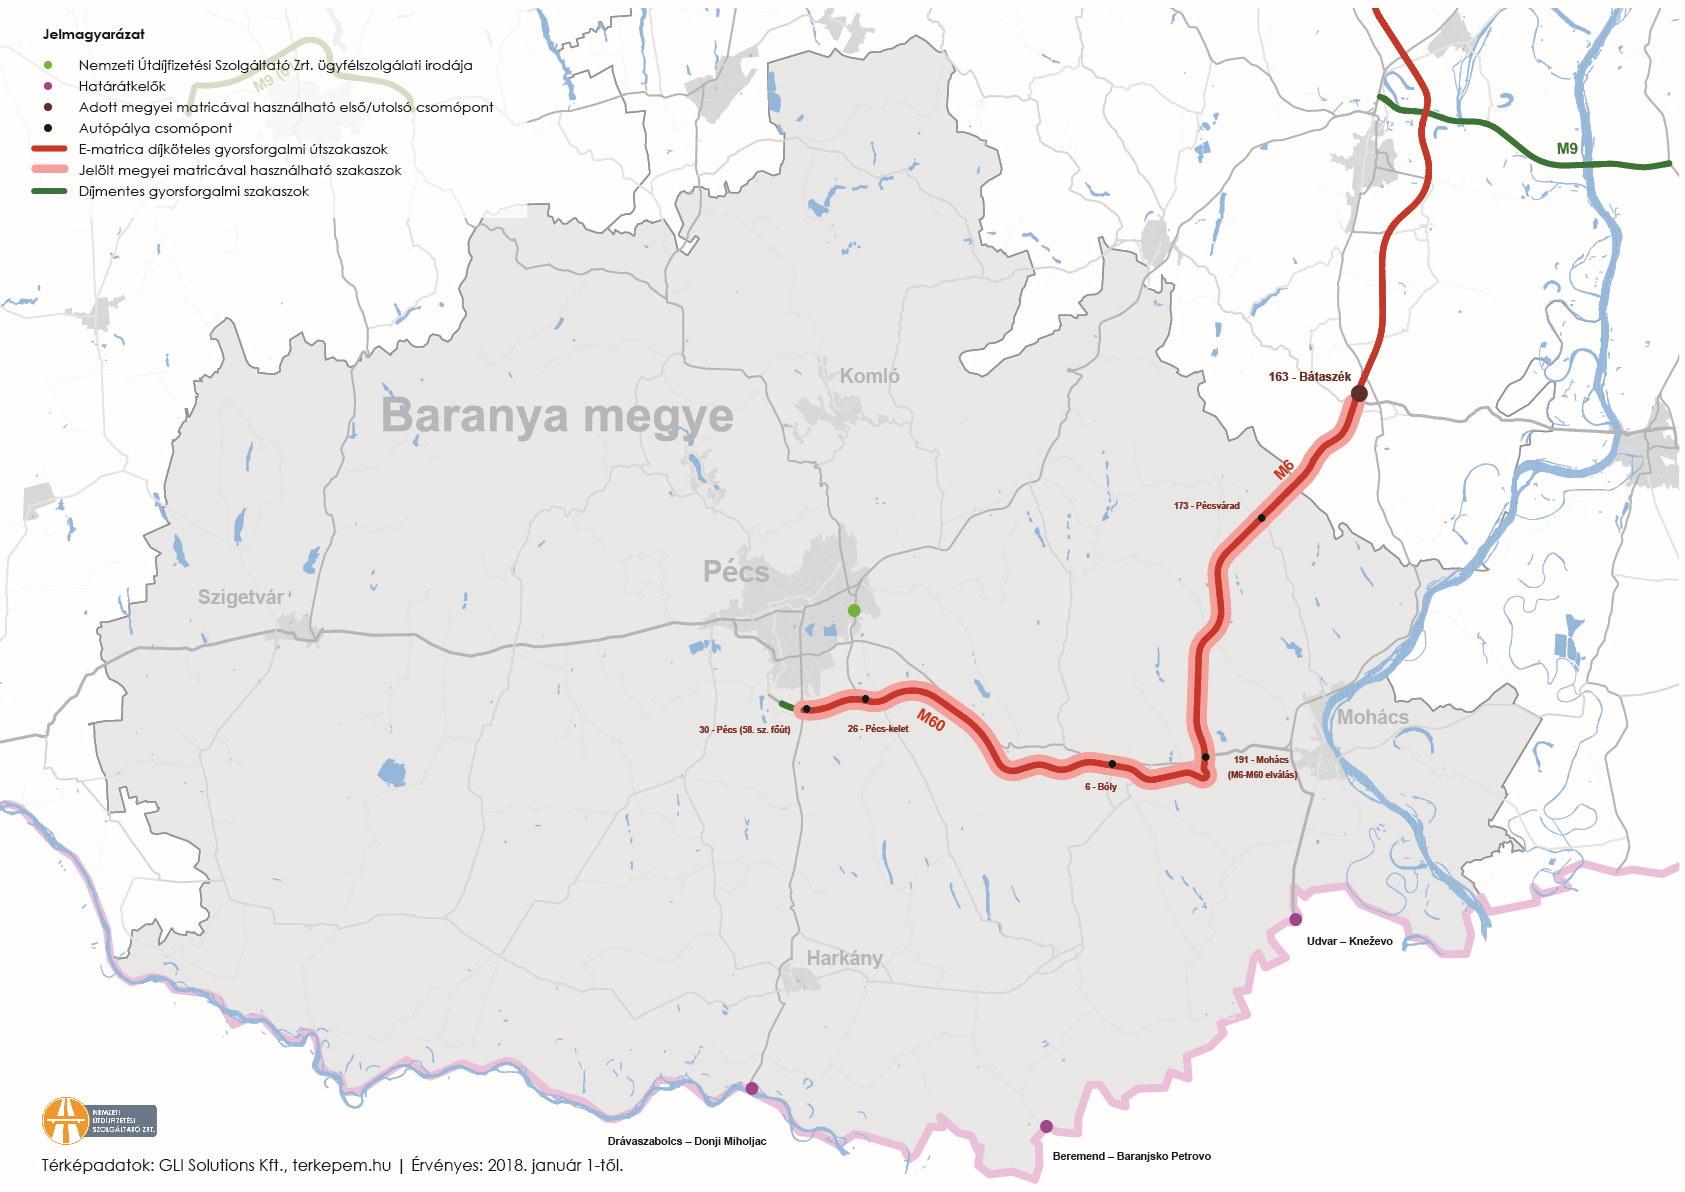 Baranya megye úthálózatának térképe